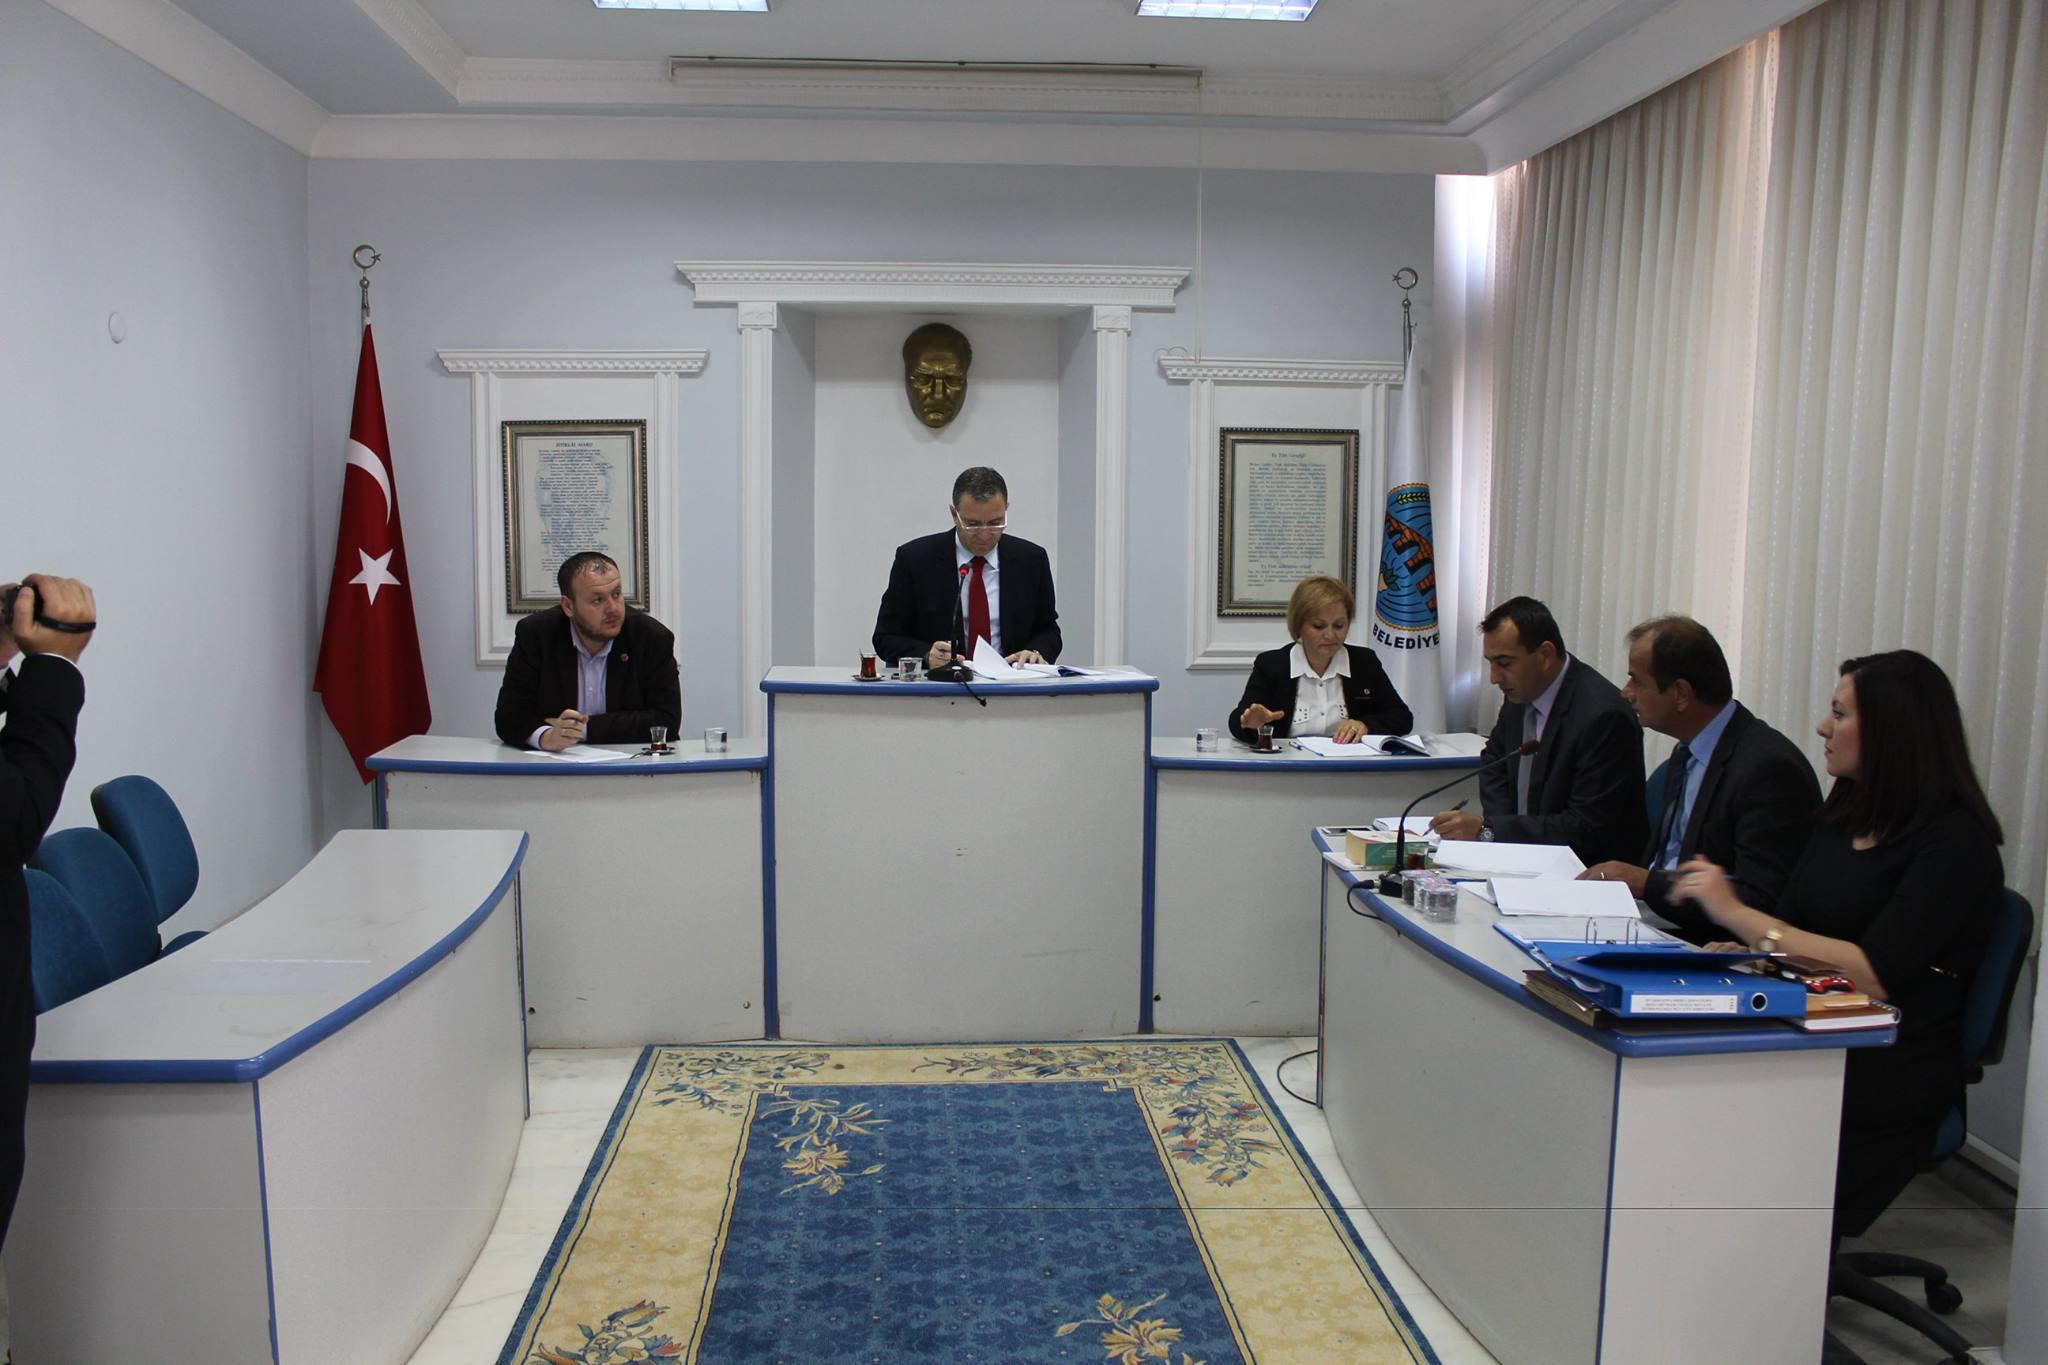 Orta Edirne Katı Atık Birliği Yönetimi Toplandı